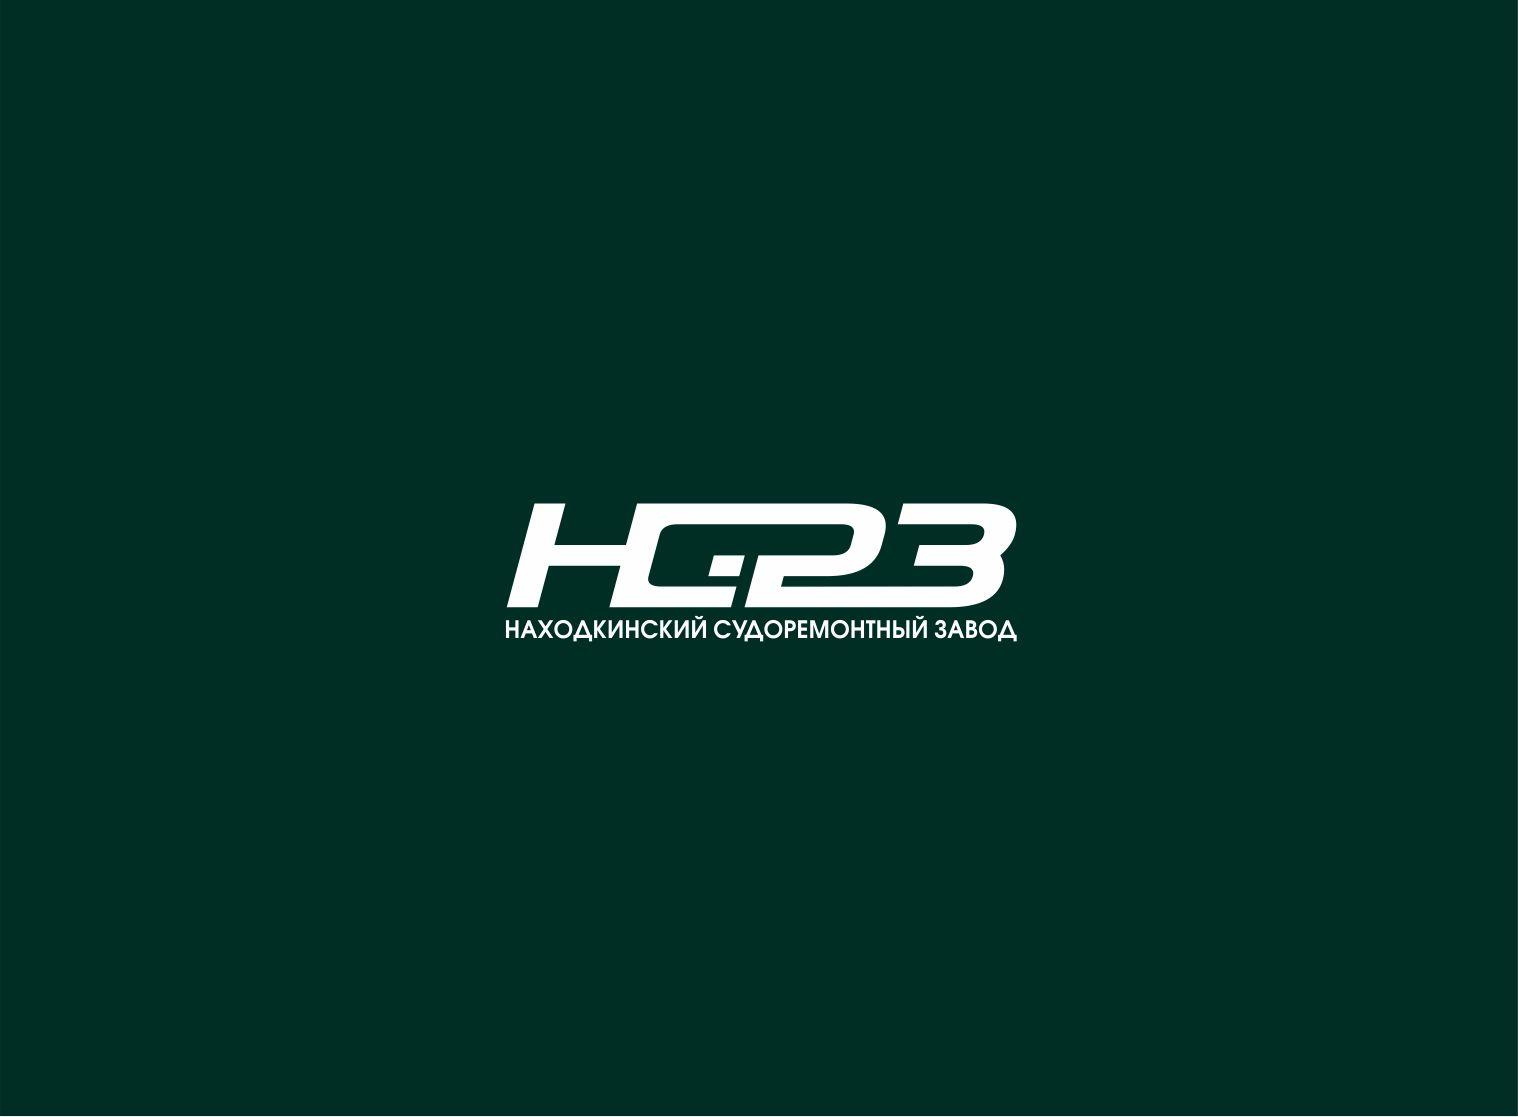 Лого и фирменный стиль для НСРЗ - дизайнер La_persona